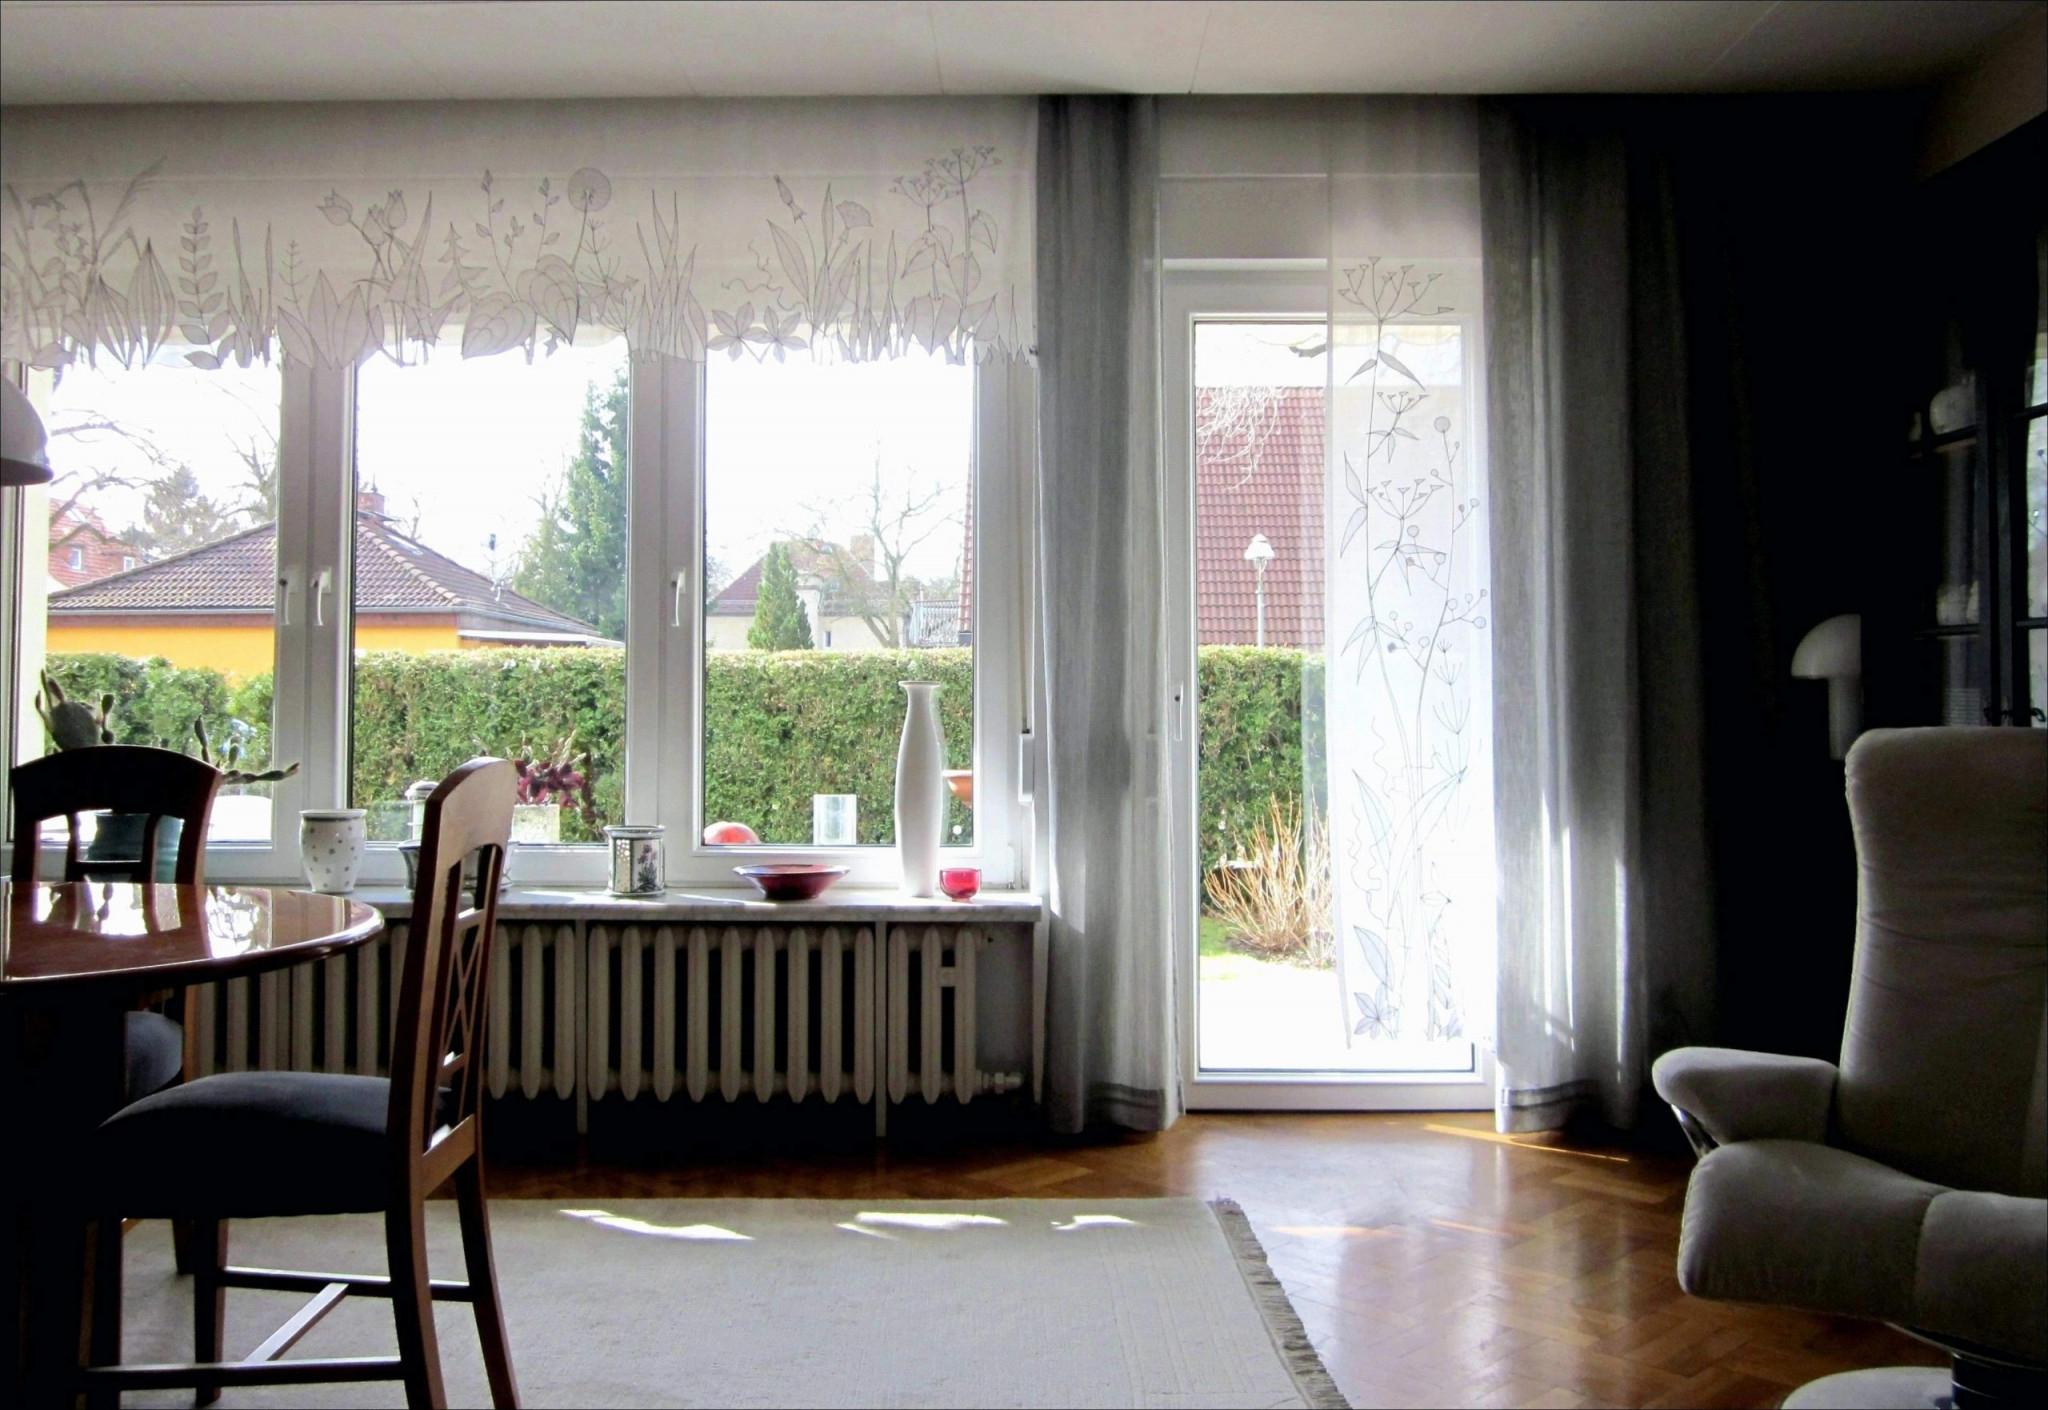 Fenster Gardinen Wohnzimmer Das Beste Von 59 Elegant Fenster von Wohnzimmer Fensterfront Gardinen Photo